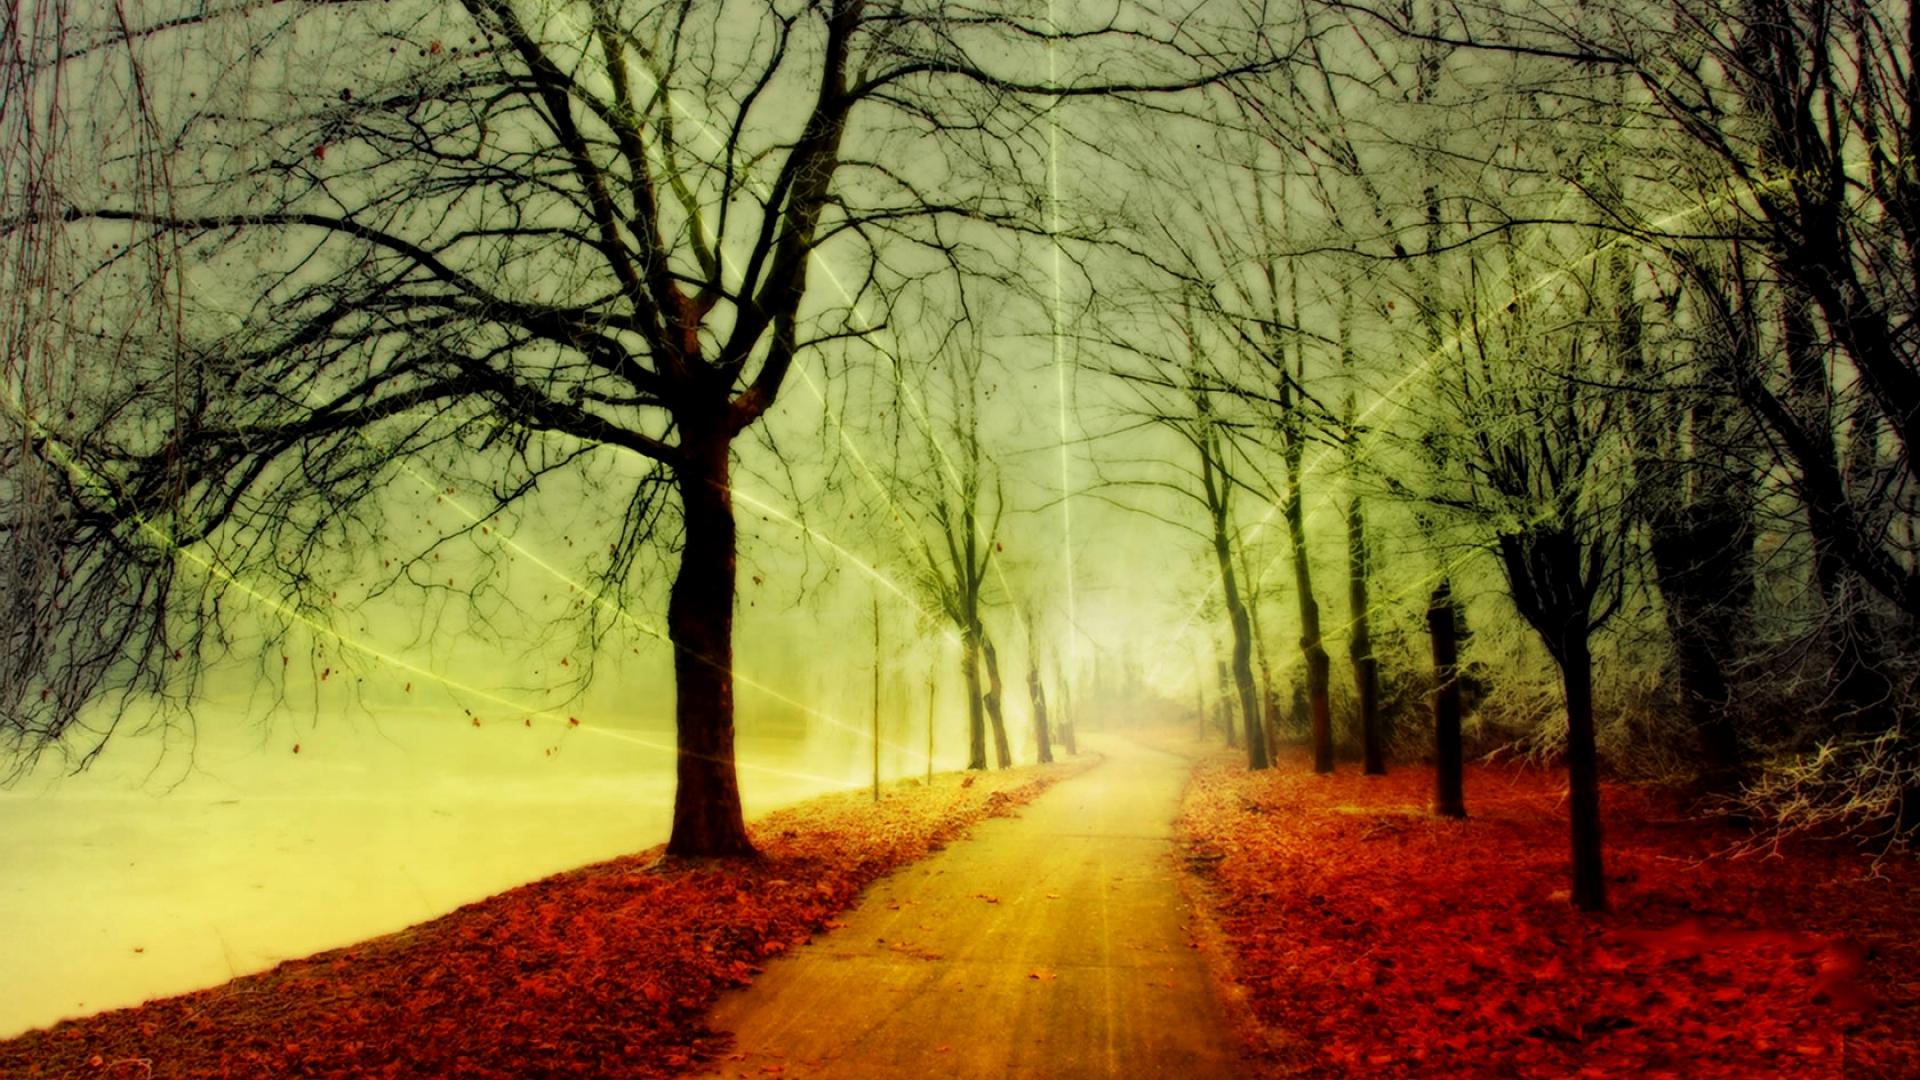 Hình nền mùa thu Autumn15b